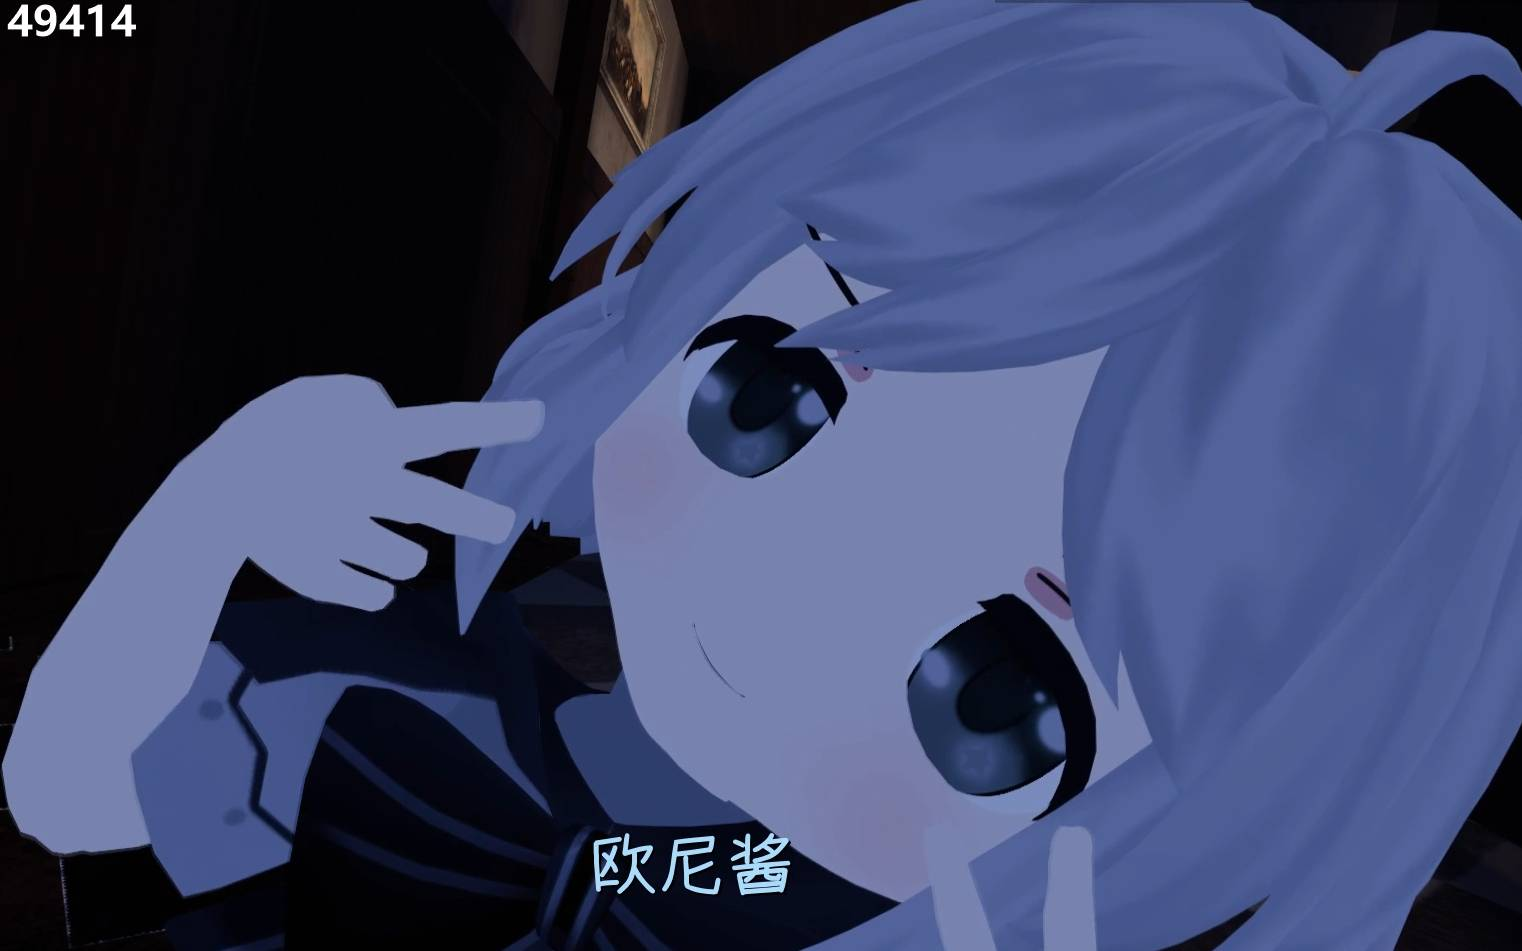 用VR玩恐怖游戏是什么体验(VRchat-The devouring)【不务正业】